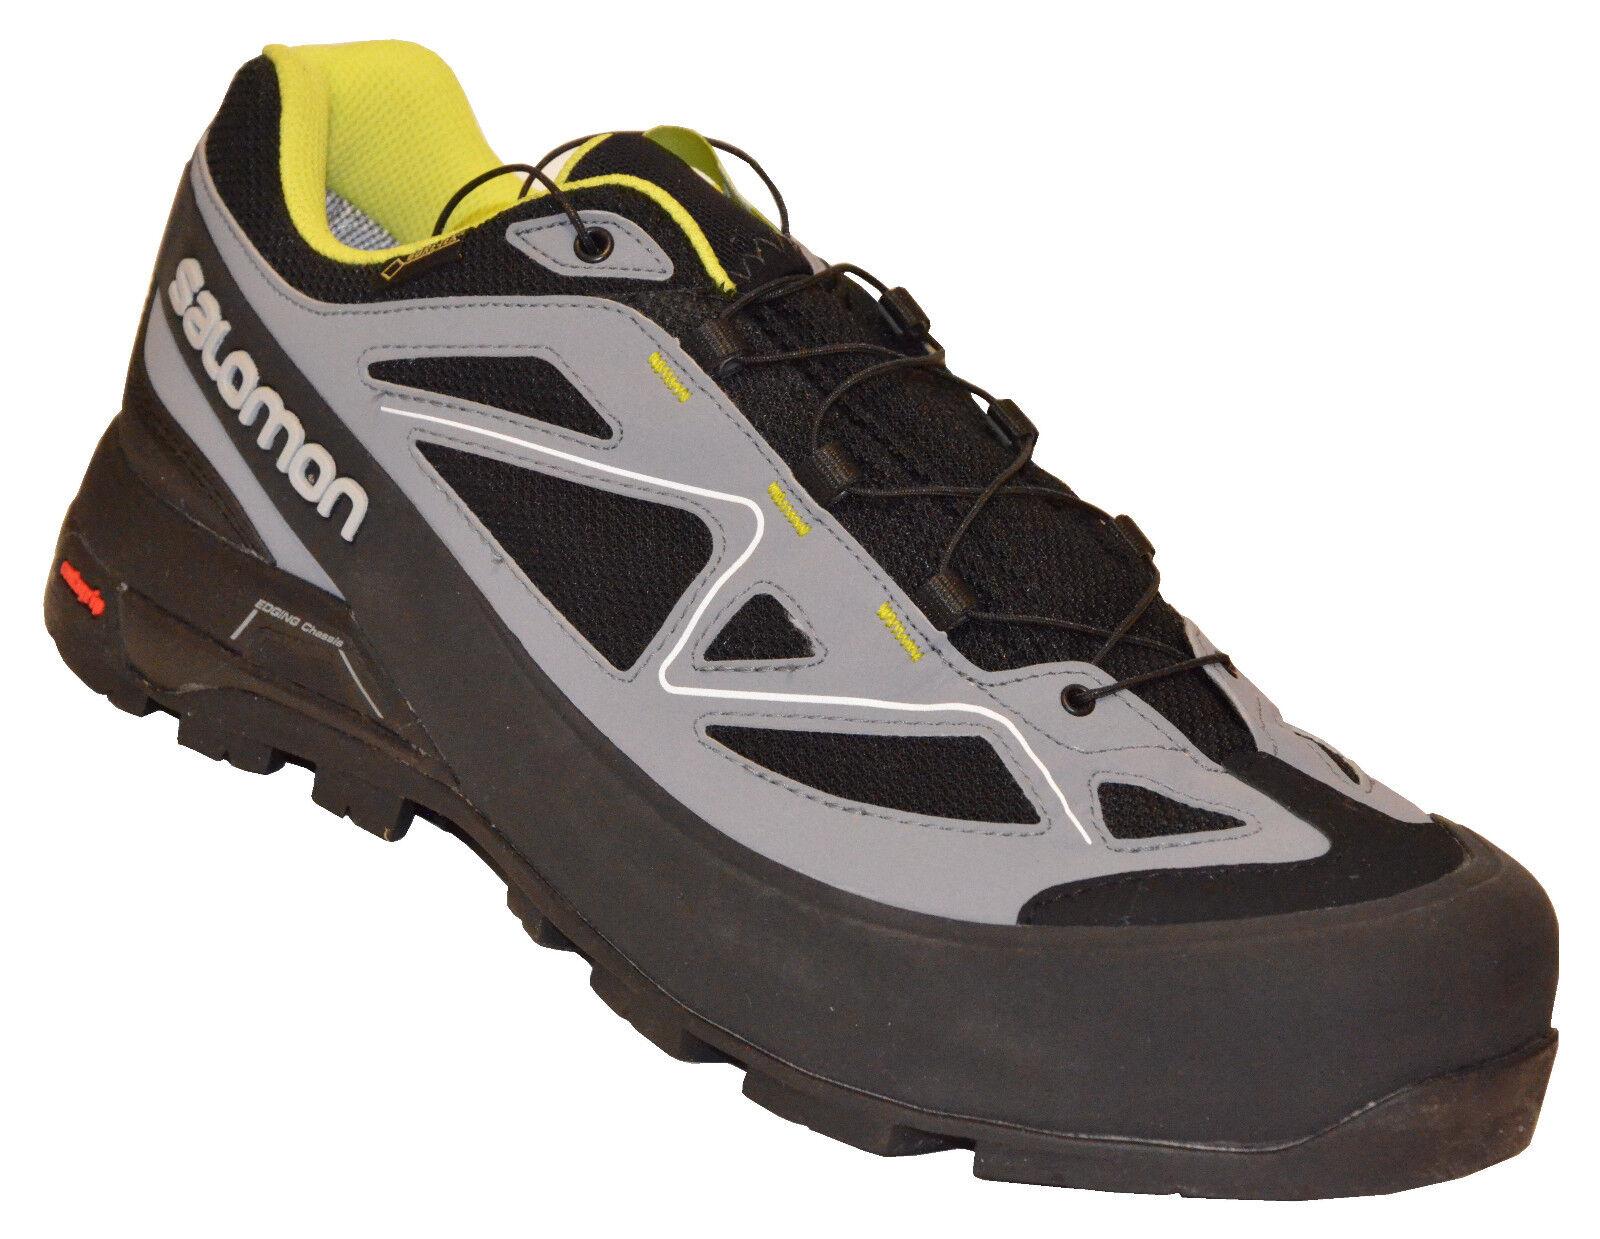 Salomon X ALP GTX Schuhe Wanderschuhe Trekkingschuhe Herren Outdoor Shohe    | Schöne Farbe